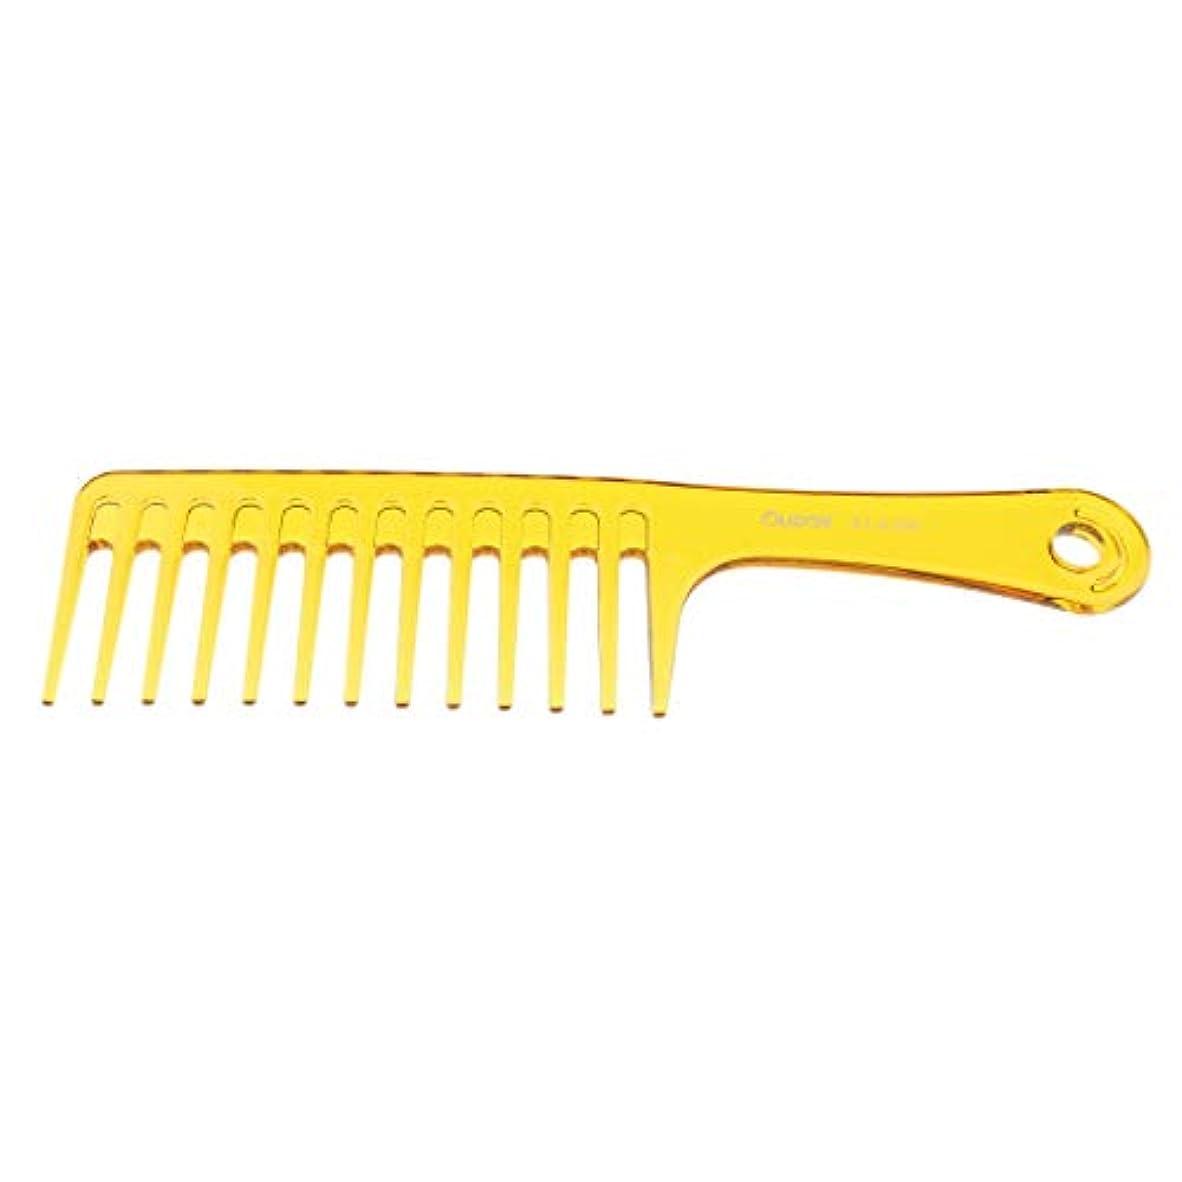 軽食八混乱したF Fityle ヘアブラシ 巻き毛太い髪 広い歯櫛 サロン ヘアスタイリング 2色選べ - 黄